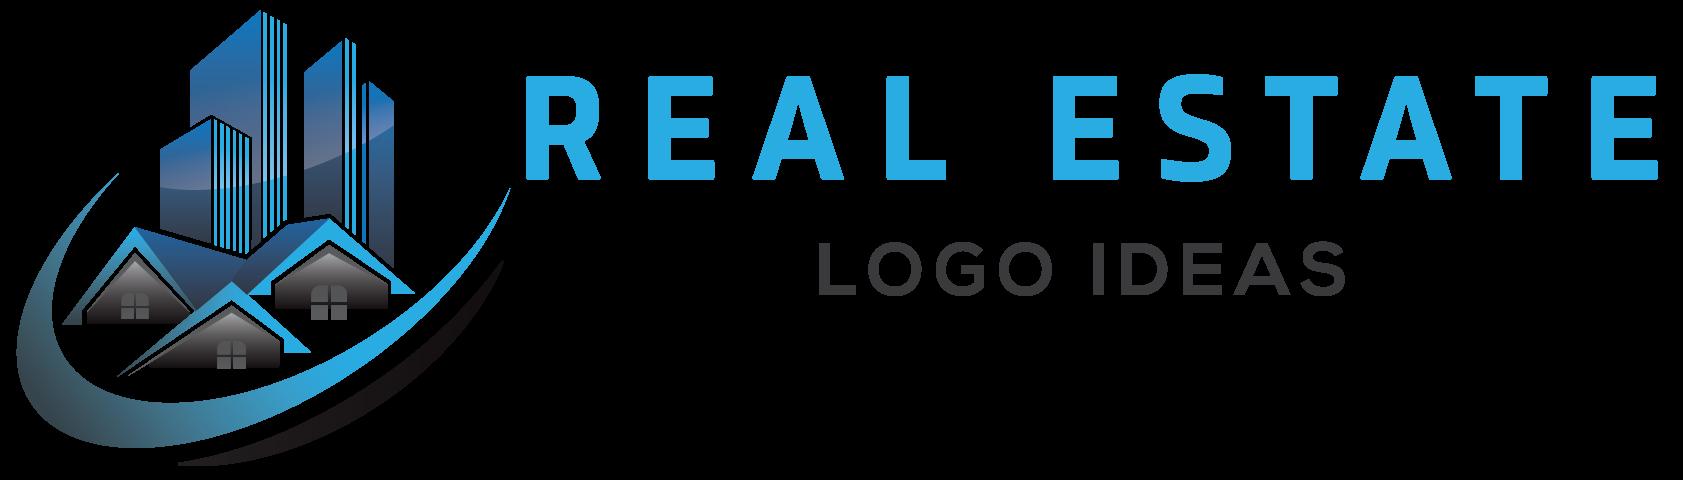 Real Estate Logo Design Ideas